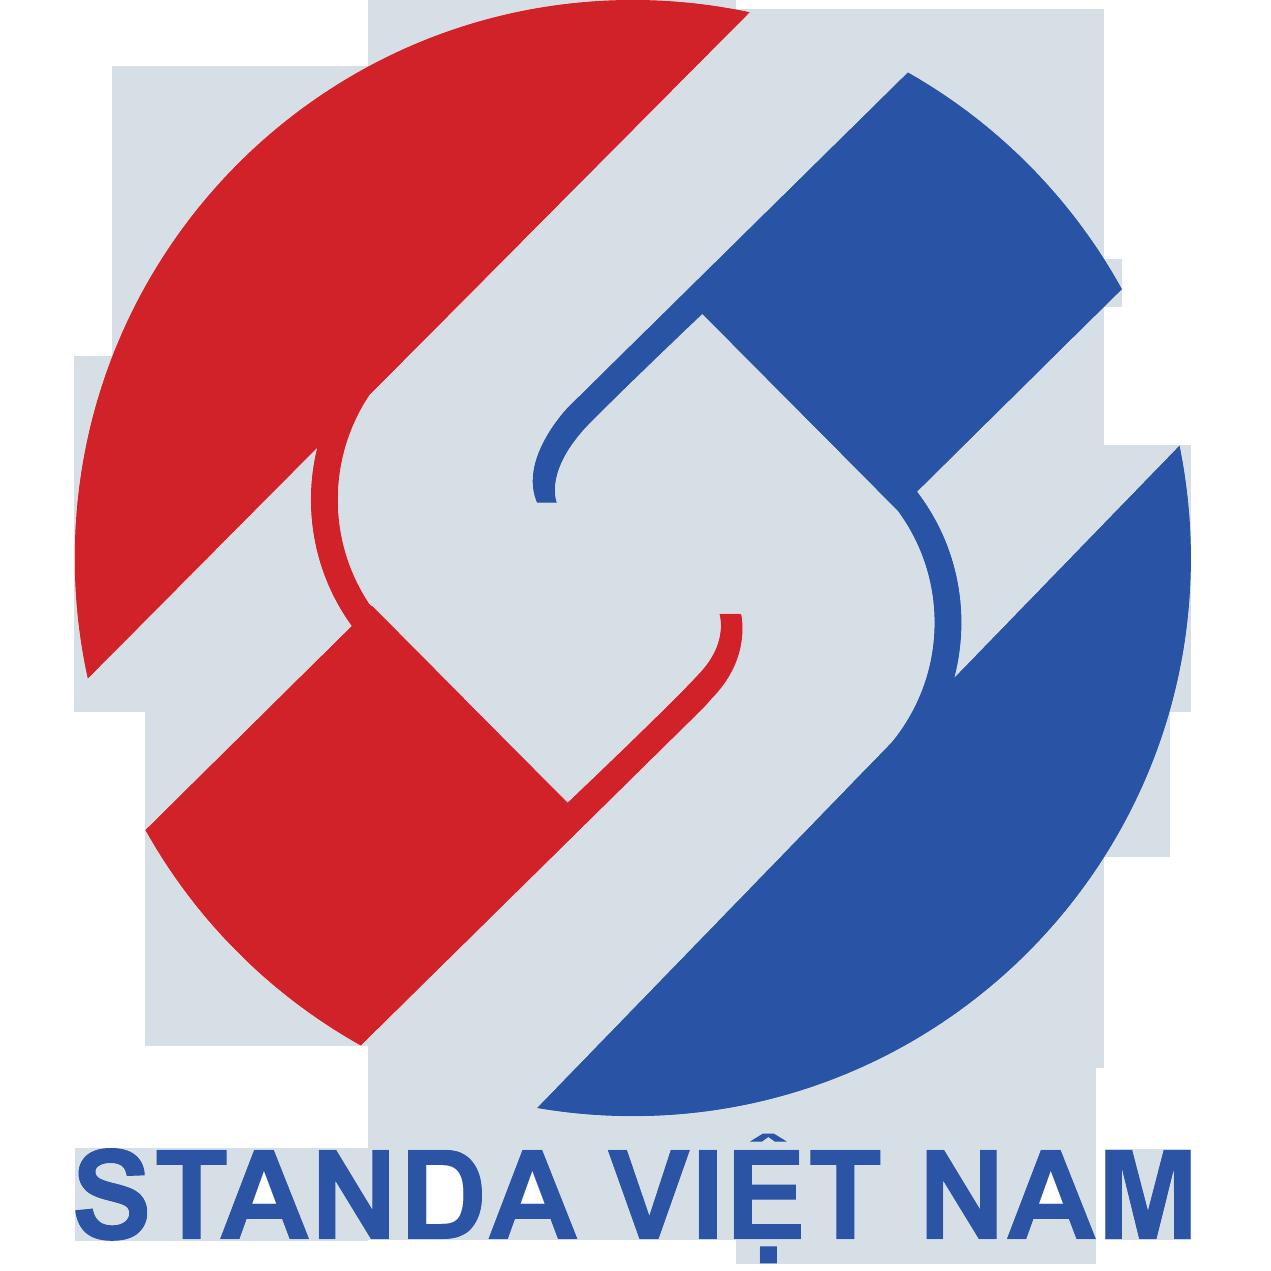 Litandavietnam.com